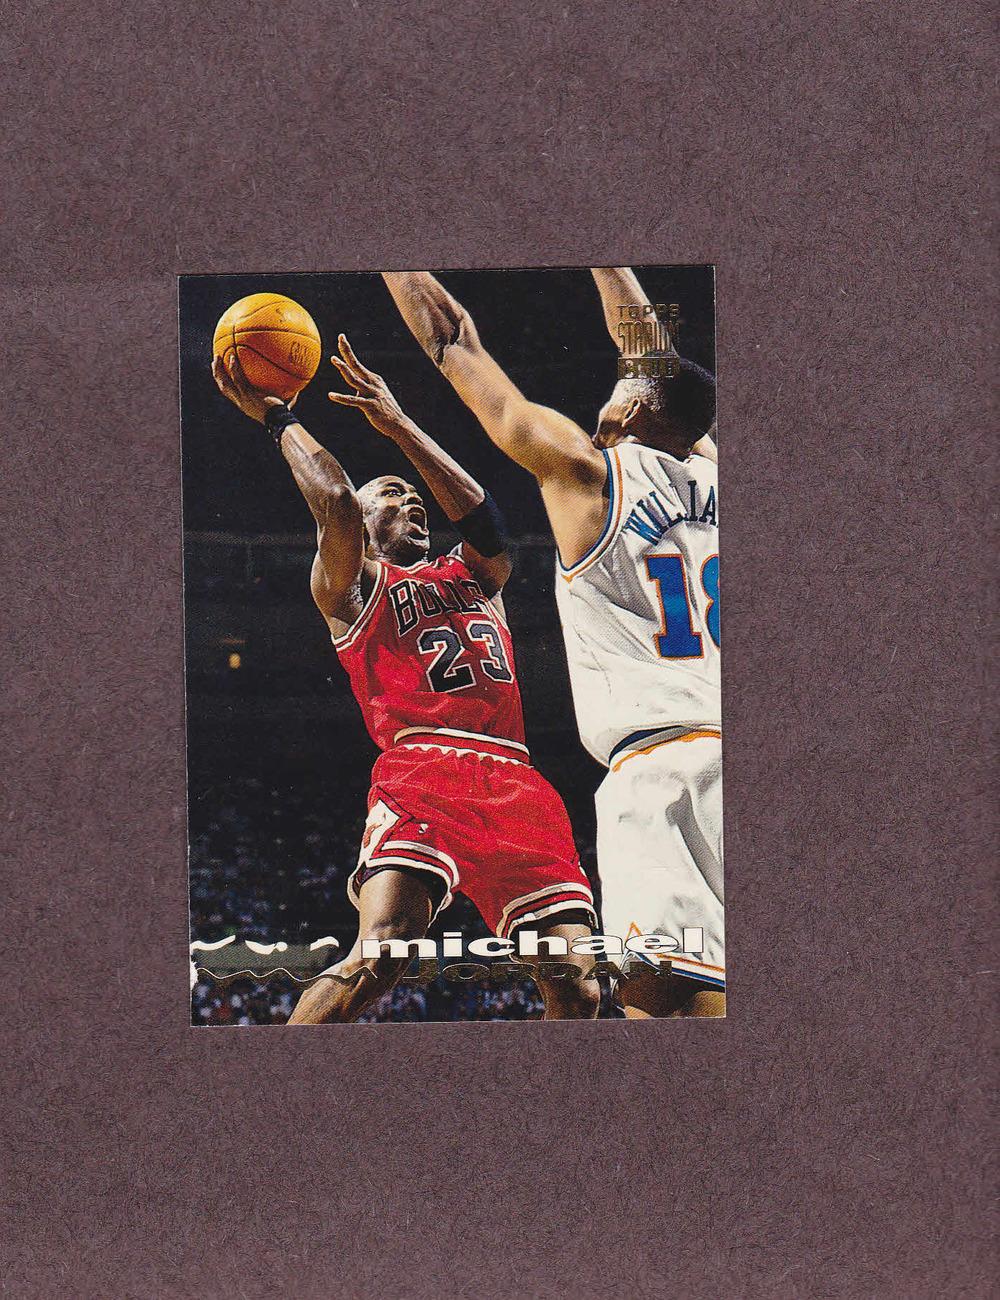 1993-94 Stadium Club # 169 Michael Jordan Chicago Bulls NM